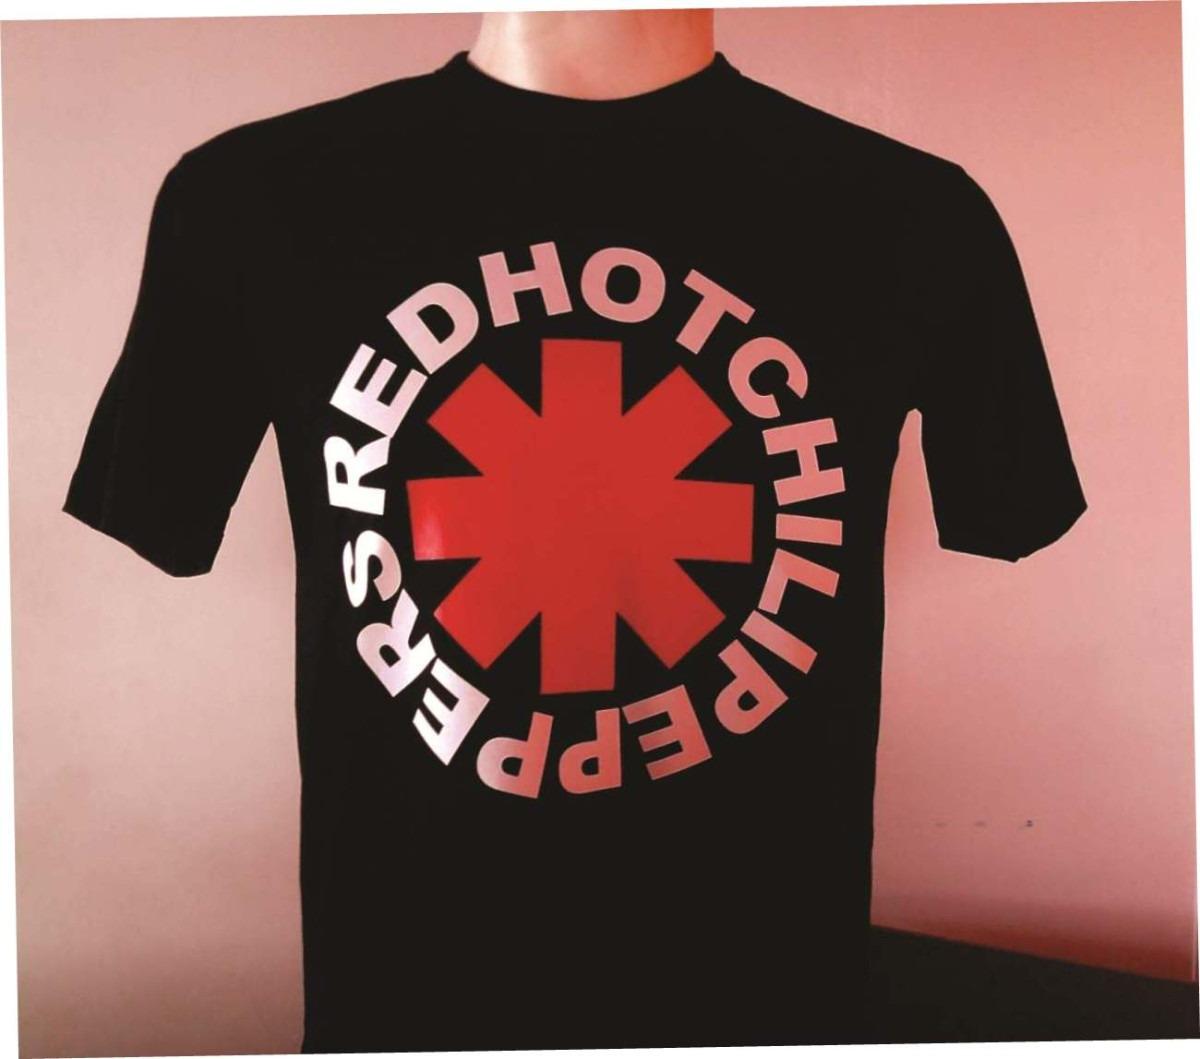 a9720873d2890 camisas rock red hot chili peppers - 100% algodão f. grátis! Carregando  zoom.